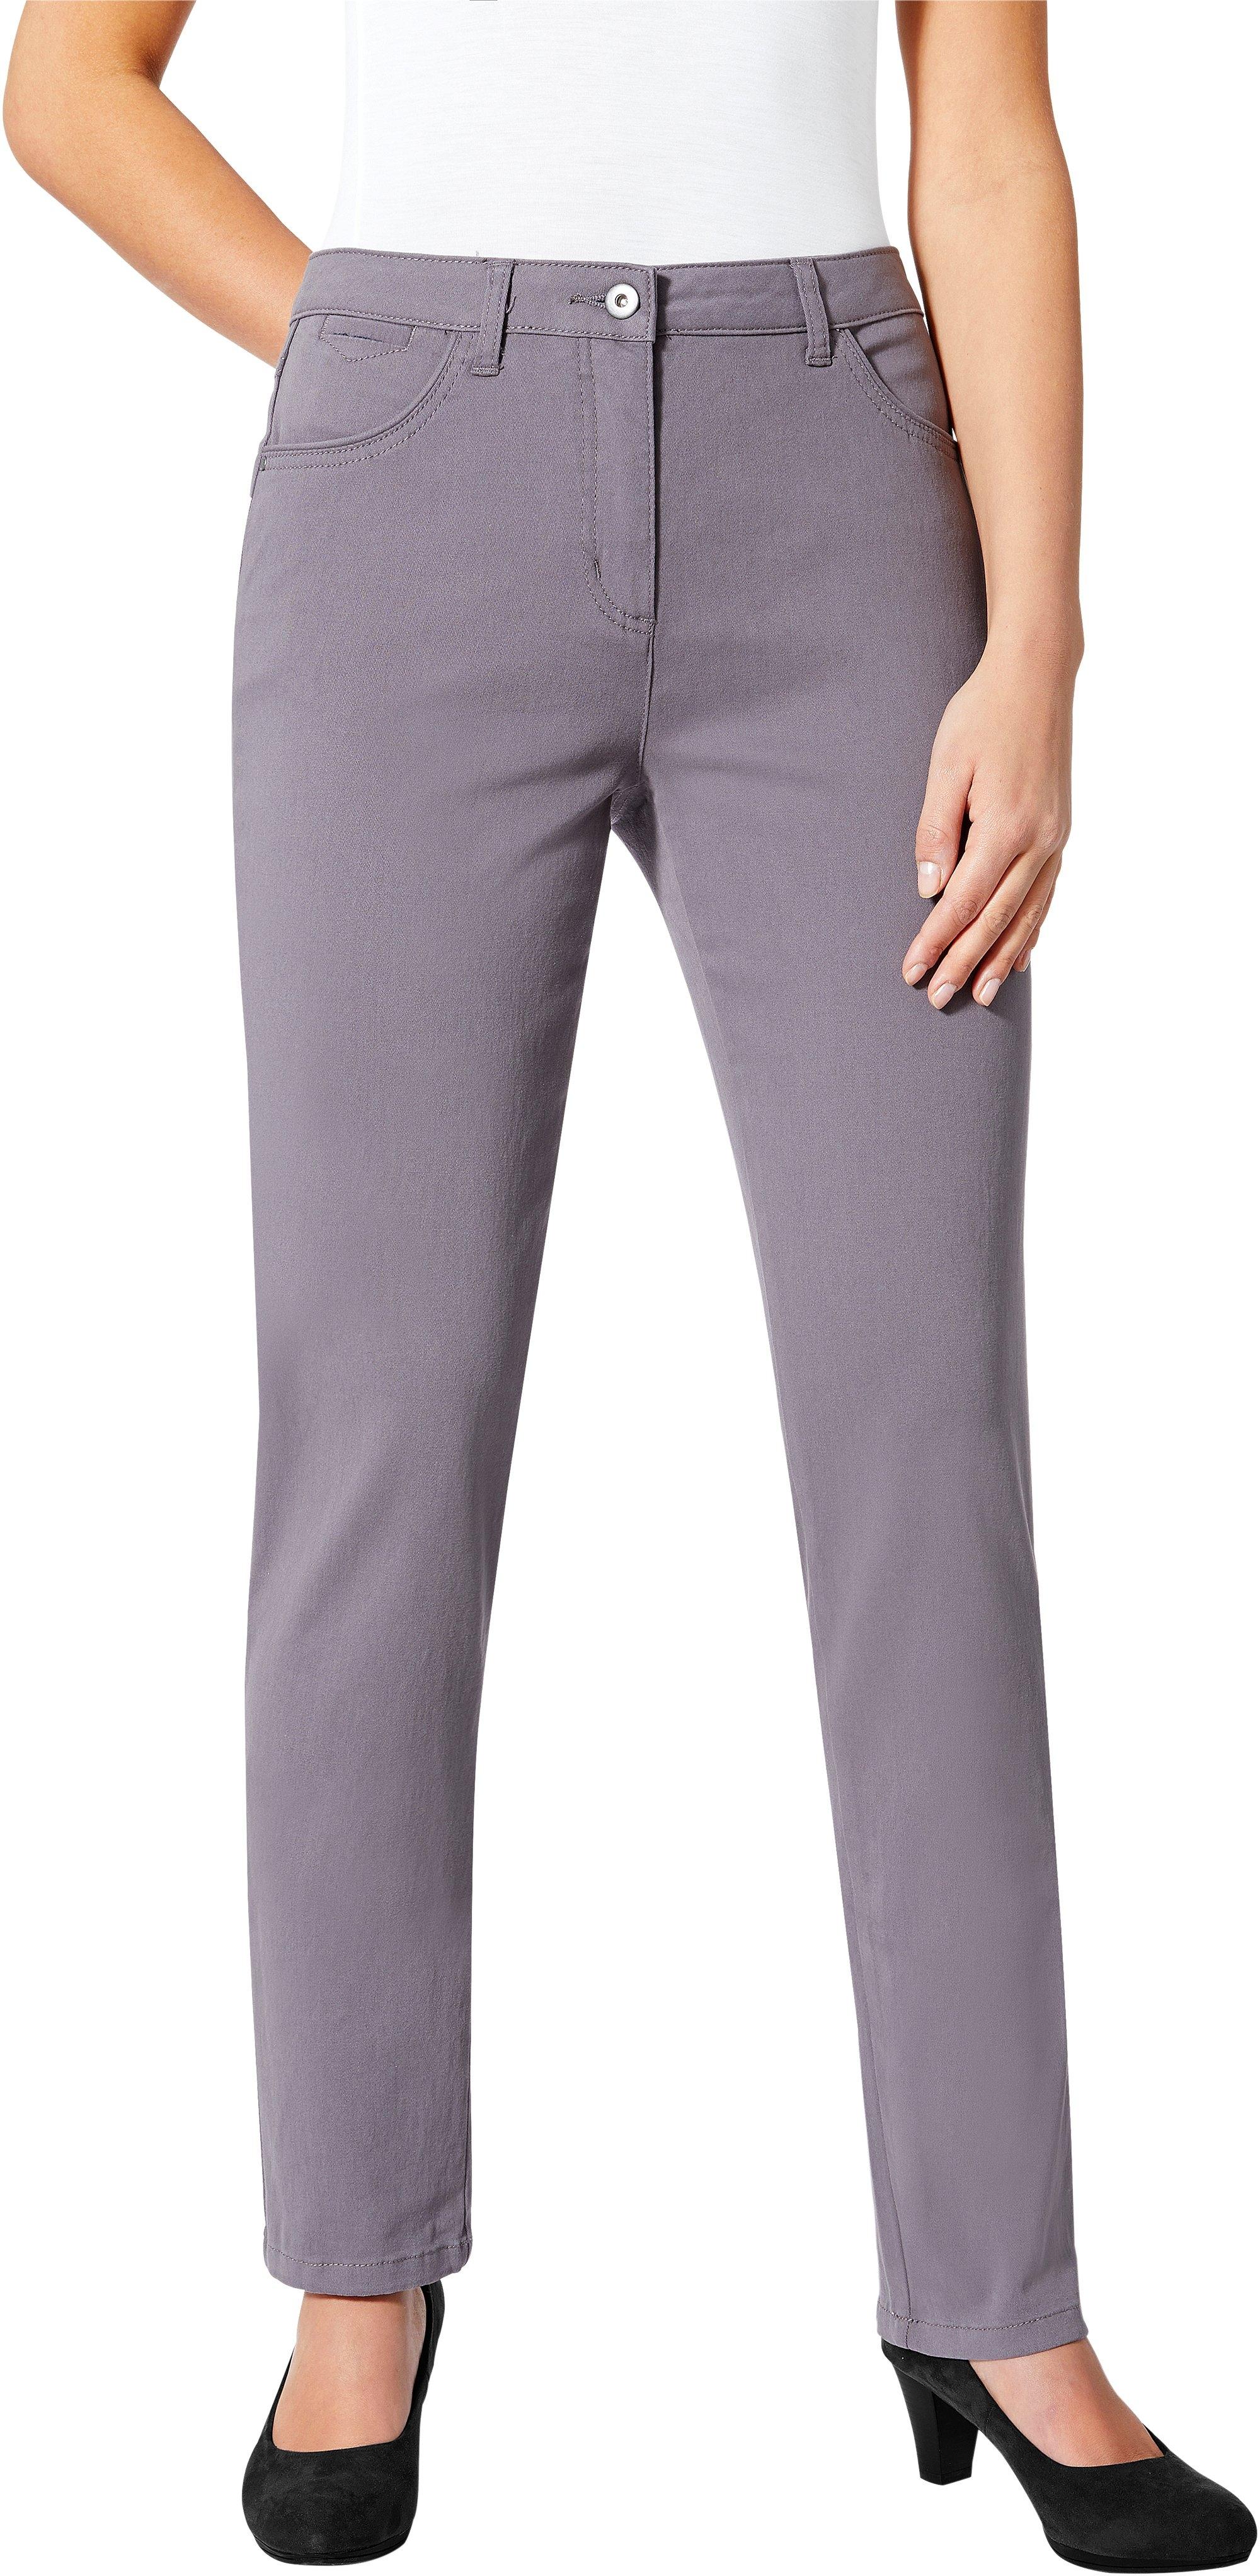 Casual Looks Jeans in stretchkwaliteit in de webshop van OTTO kopen